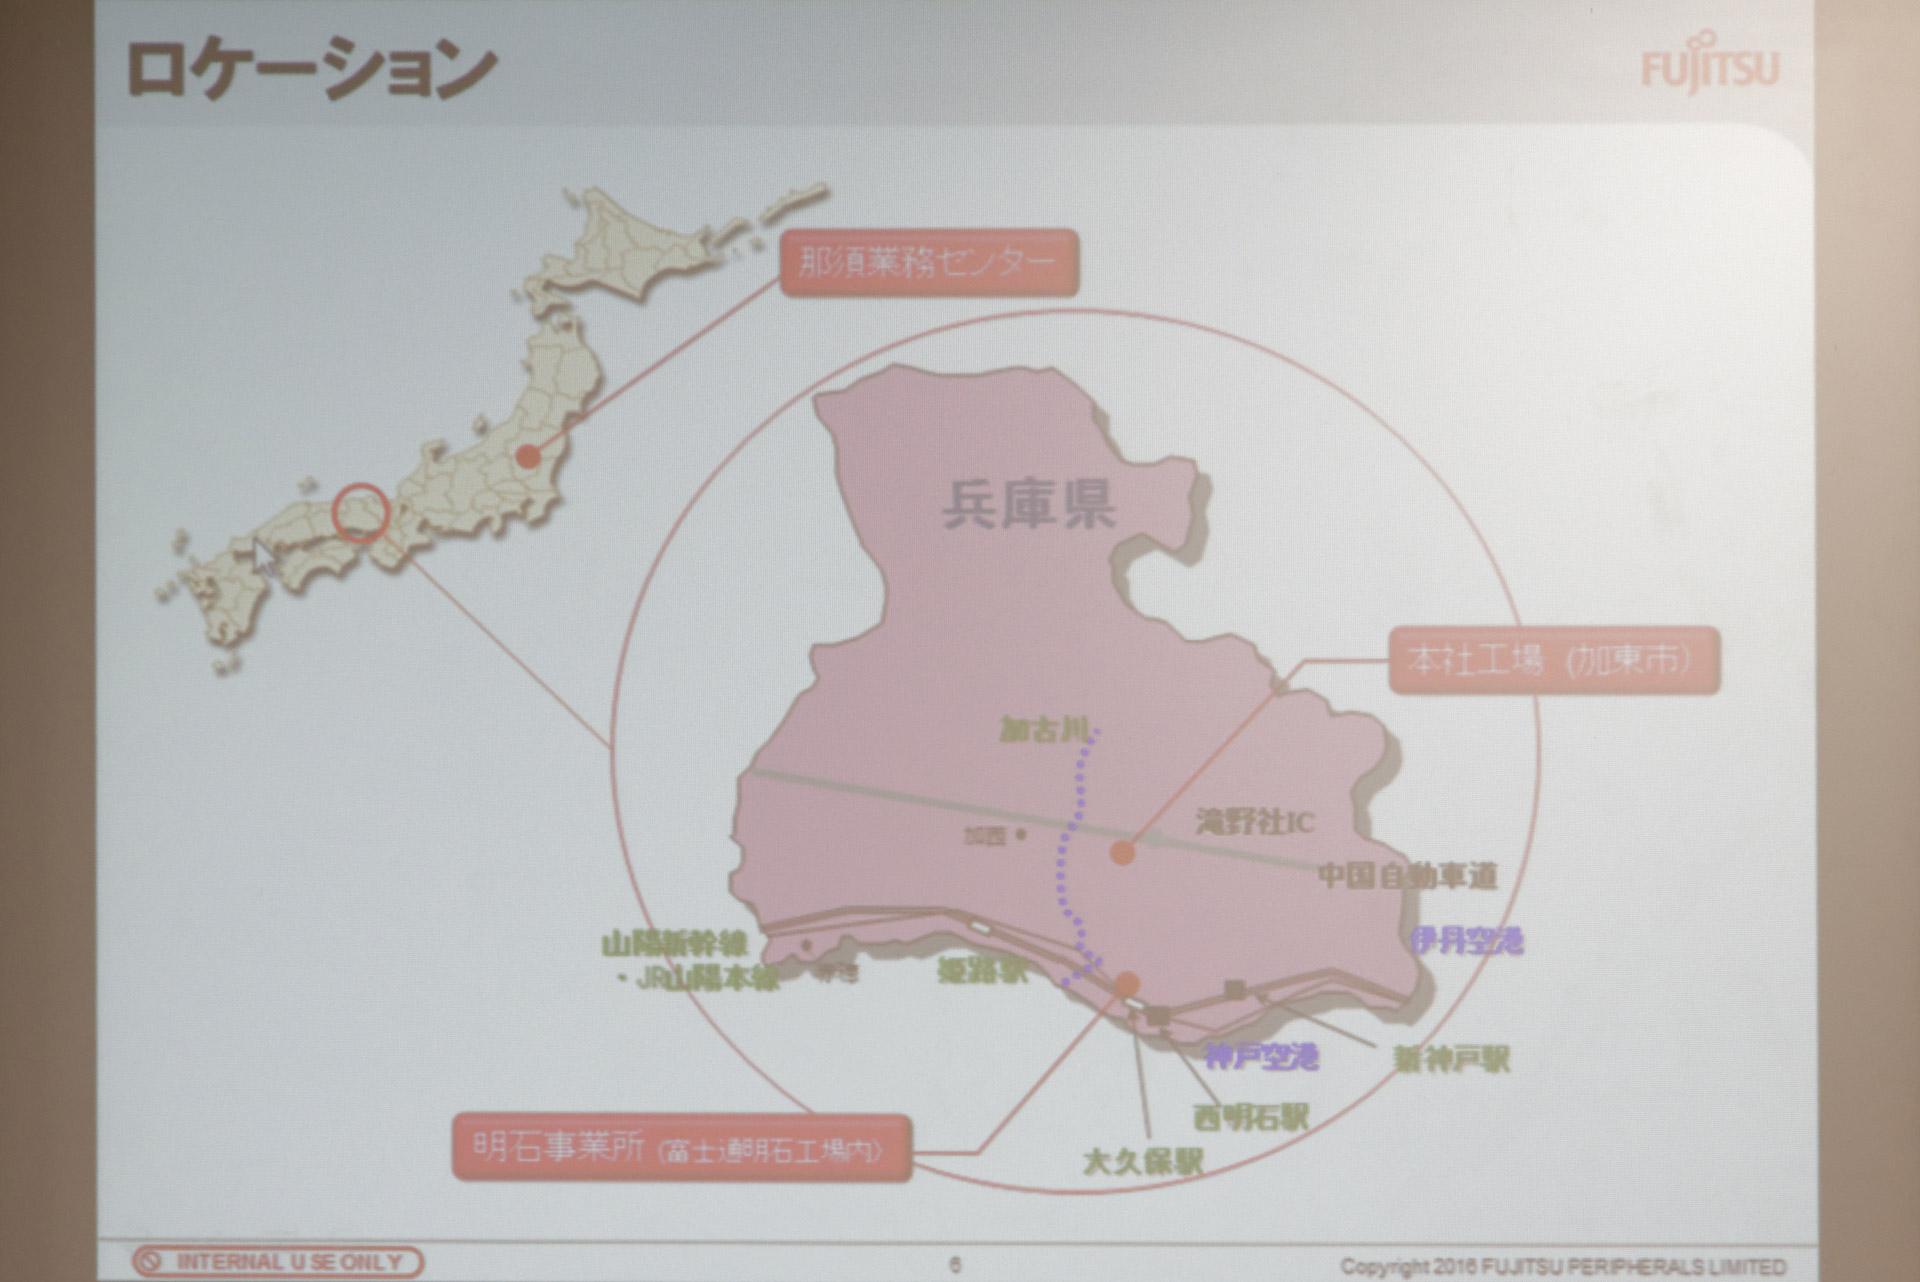 兵庫県内には富士通周辺機のもう1つの拠点である明石事業所もある